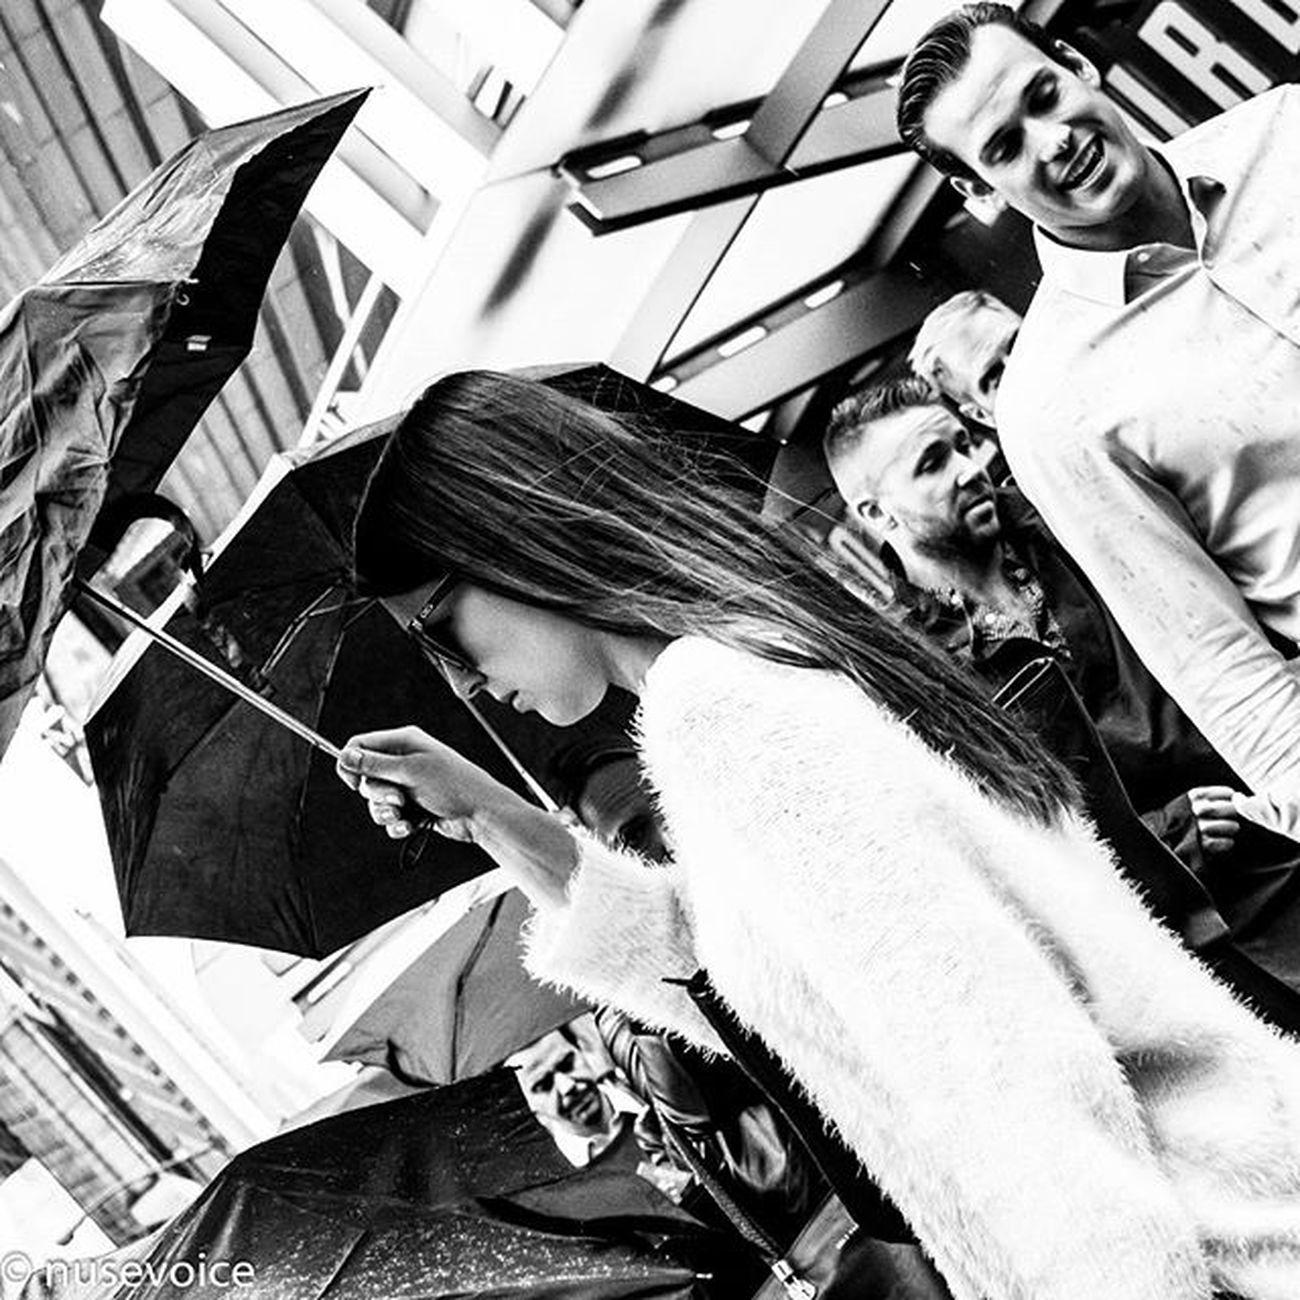 Sheltered Beauty Nusevoice Olympusomdem1 Zuikodigital Instagoodmyphotos instagram wsp instagoodmyphoto instagood instagrammersgallery blackandwhitephotography blackandwhite streetphotography streetphotography_bw lady men rainyday bnwlife bnw_society woman midtownnyc Manhattan NYC streetscenenyc igers bnw_igers igersnycity pretty beautiful